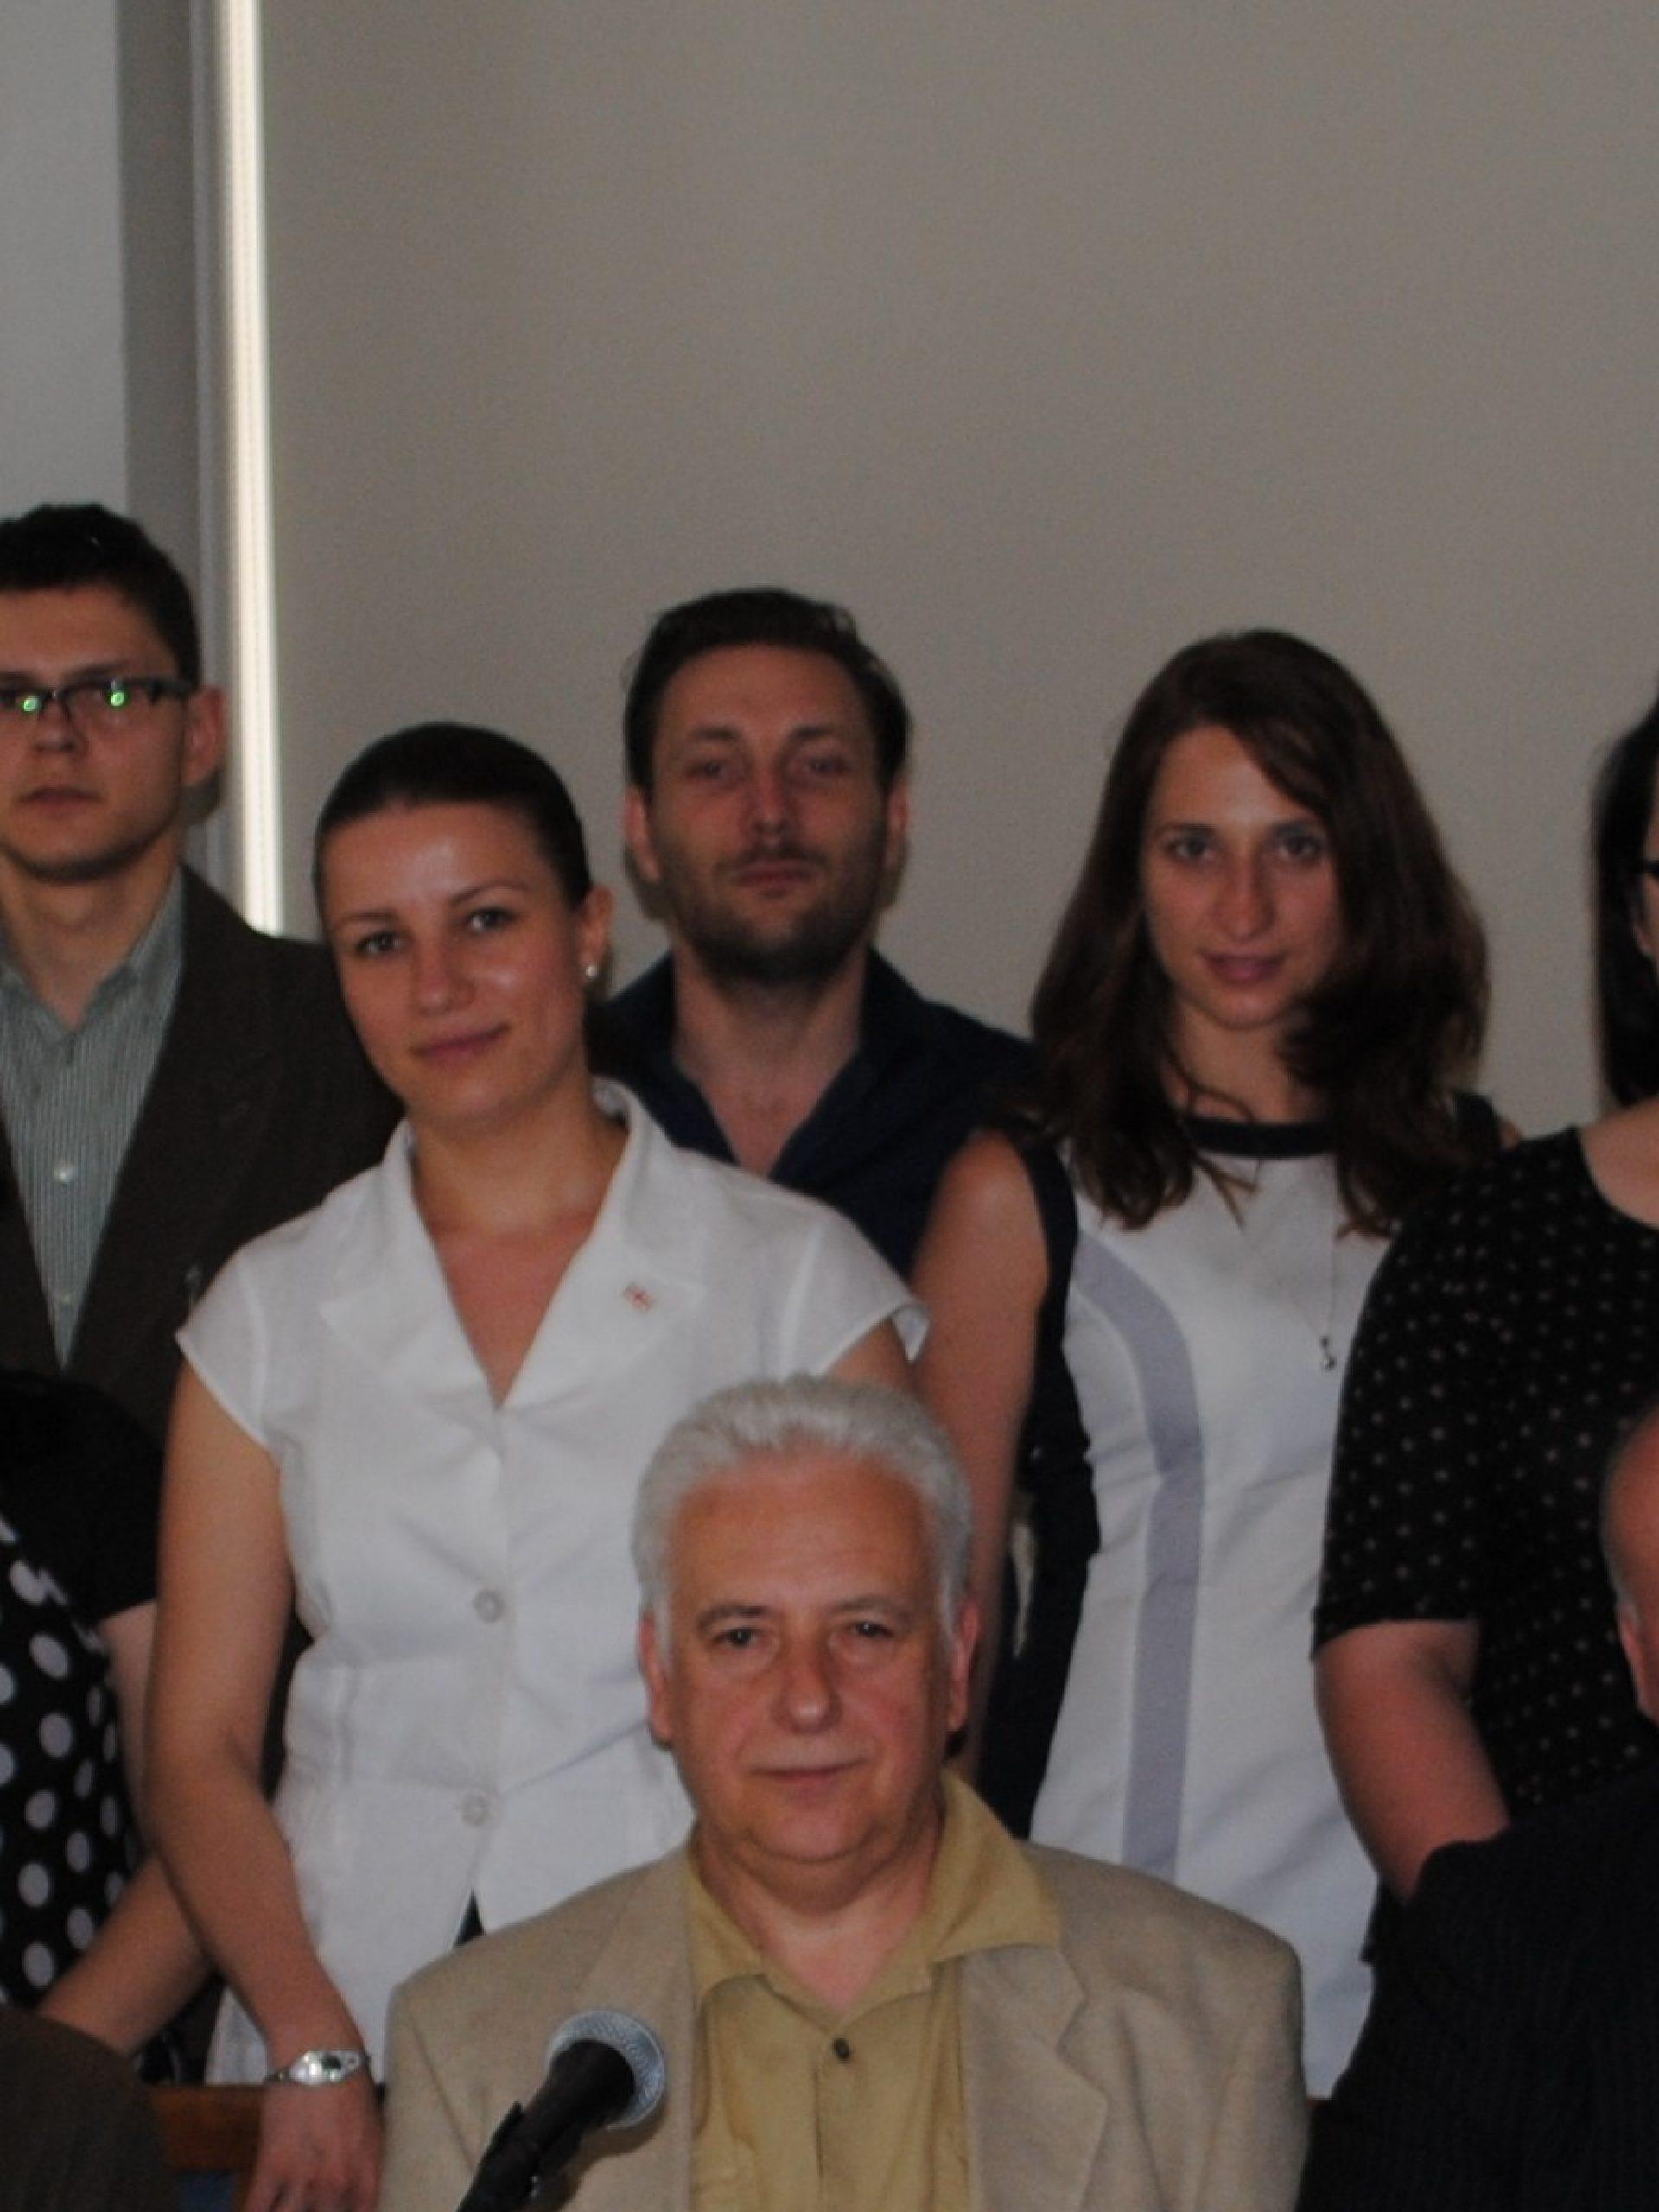 XI Konferencja Kaukazologiczna Studentów, Absolwentów i Wykładowców Seminarium Kaukaskiego, 2013 r.